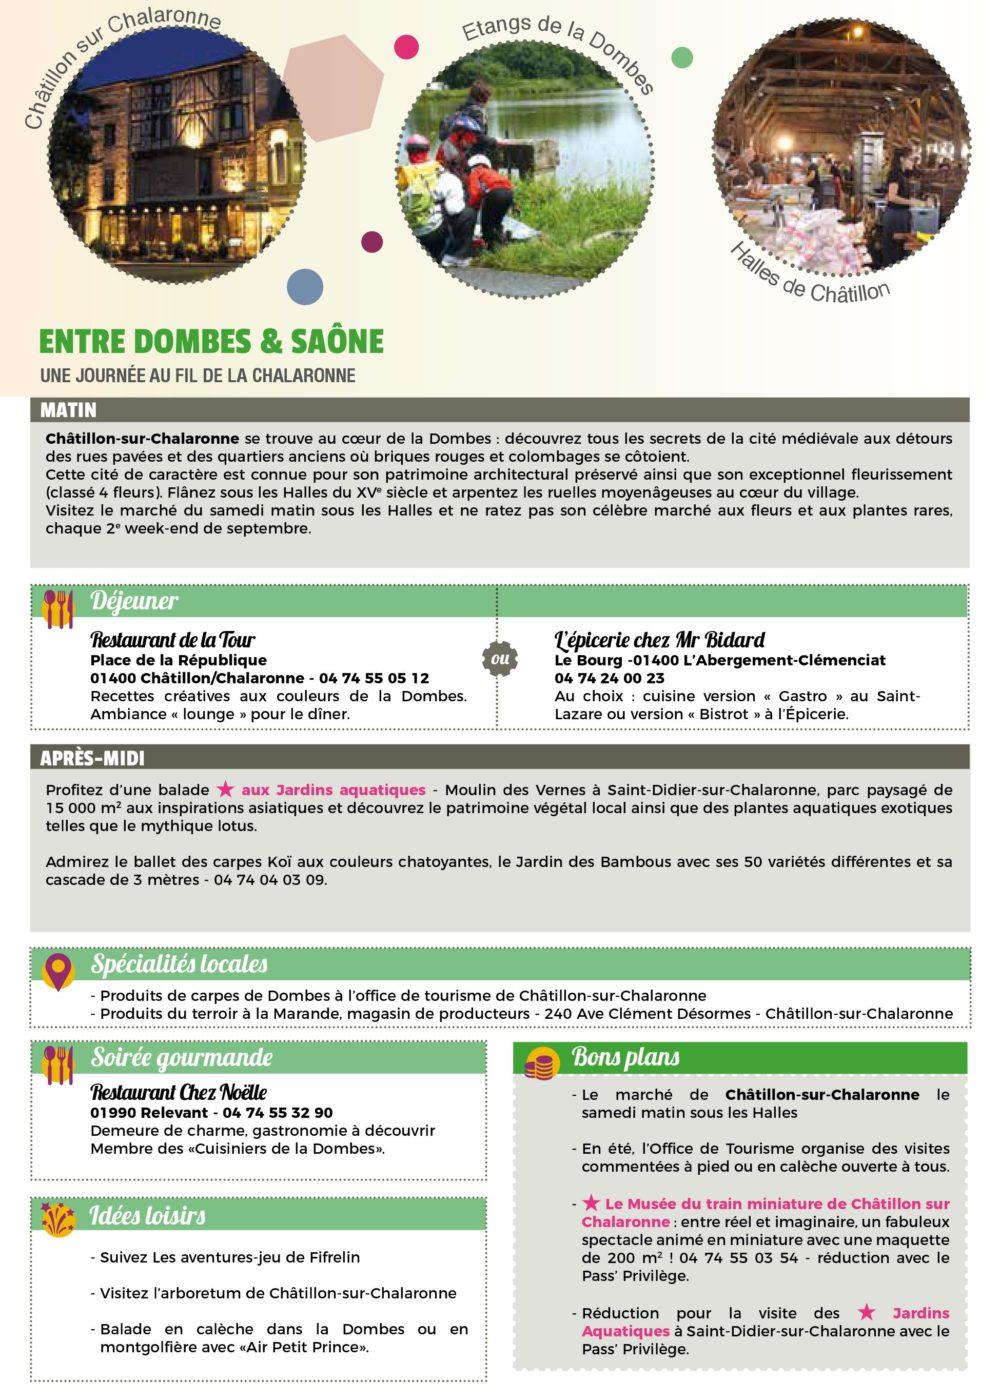 carnet de voyage 2019 - saone - page 3 entre saone et dombes